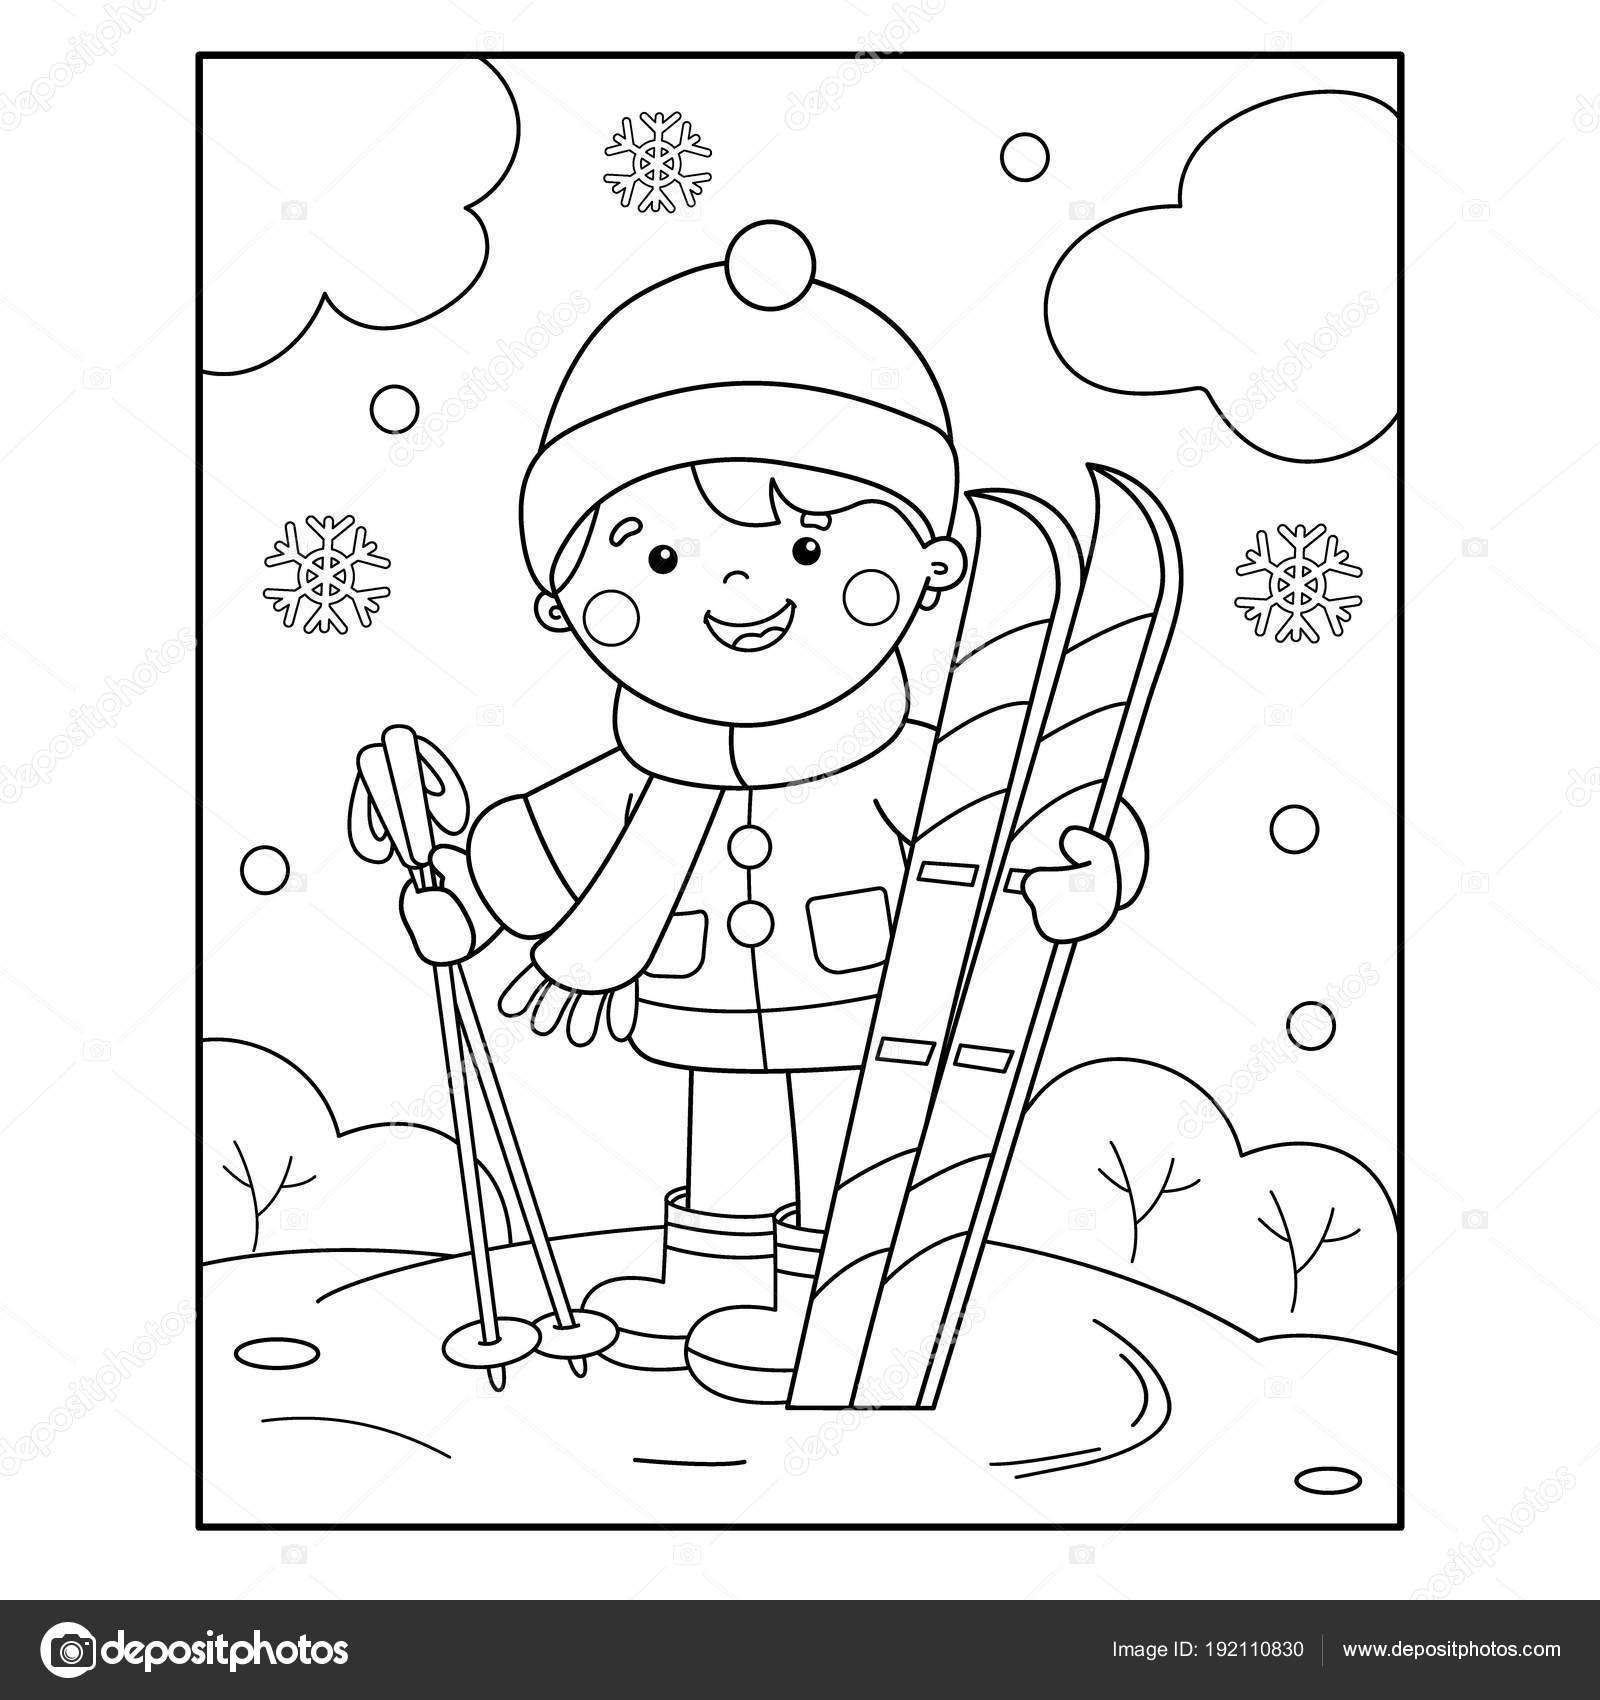 Colorear página contorno de dibujos animados chico con esquís ...